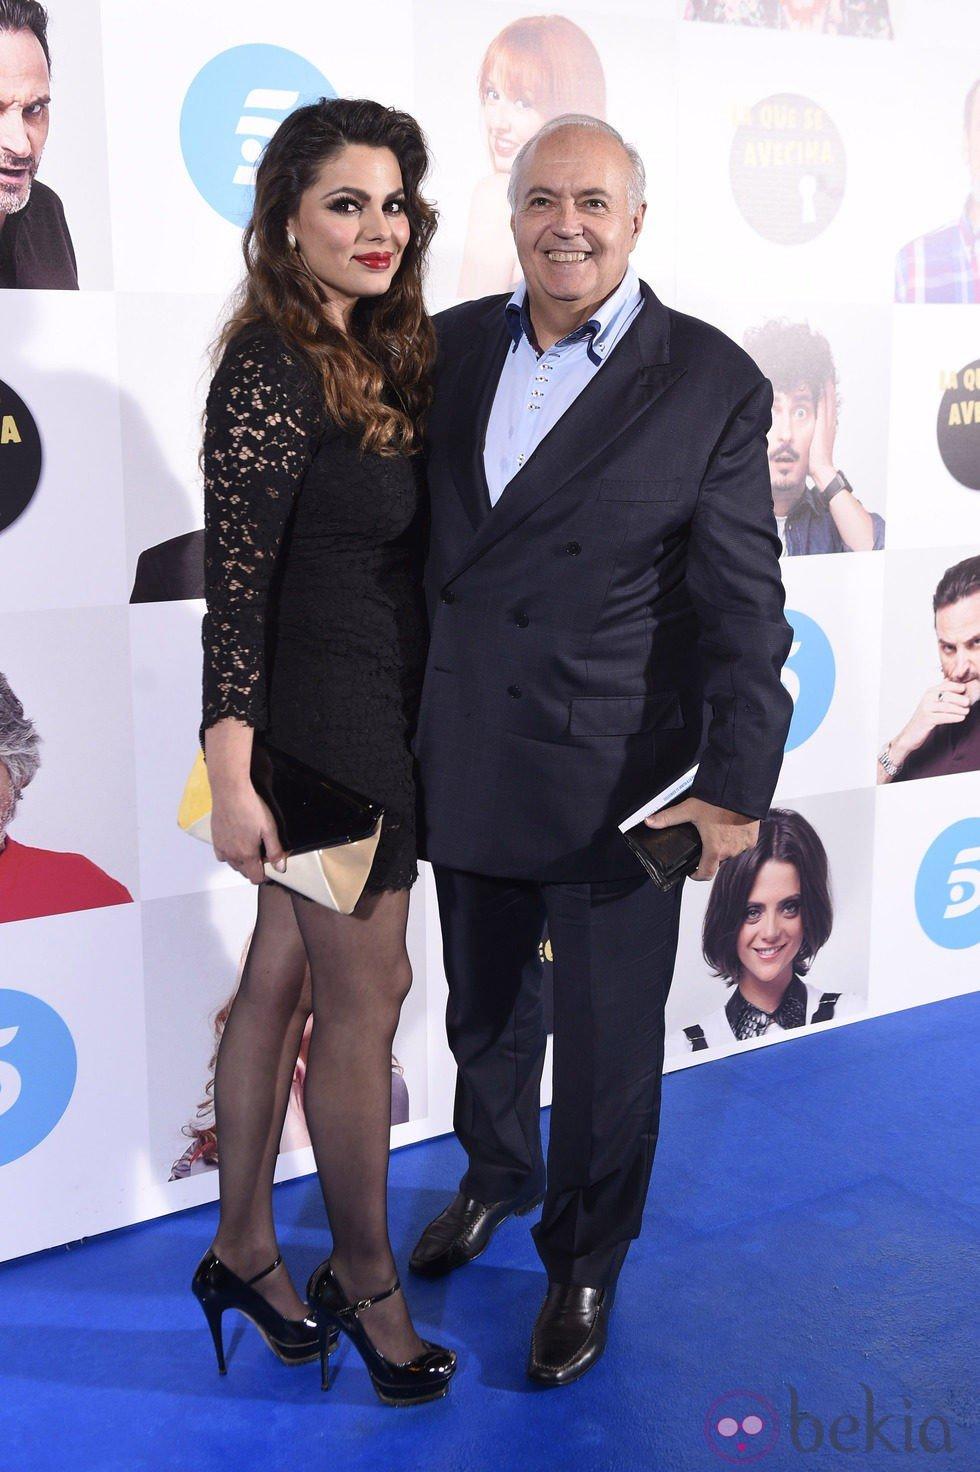 José Luis Moreno y Marisa Jara en el estreno de la octava temporada de 'La que se avecina'